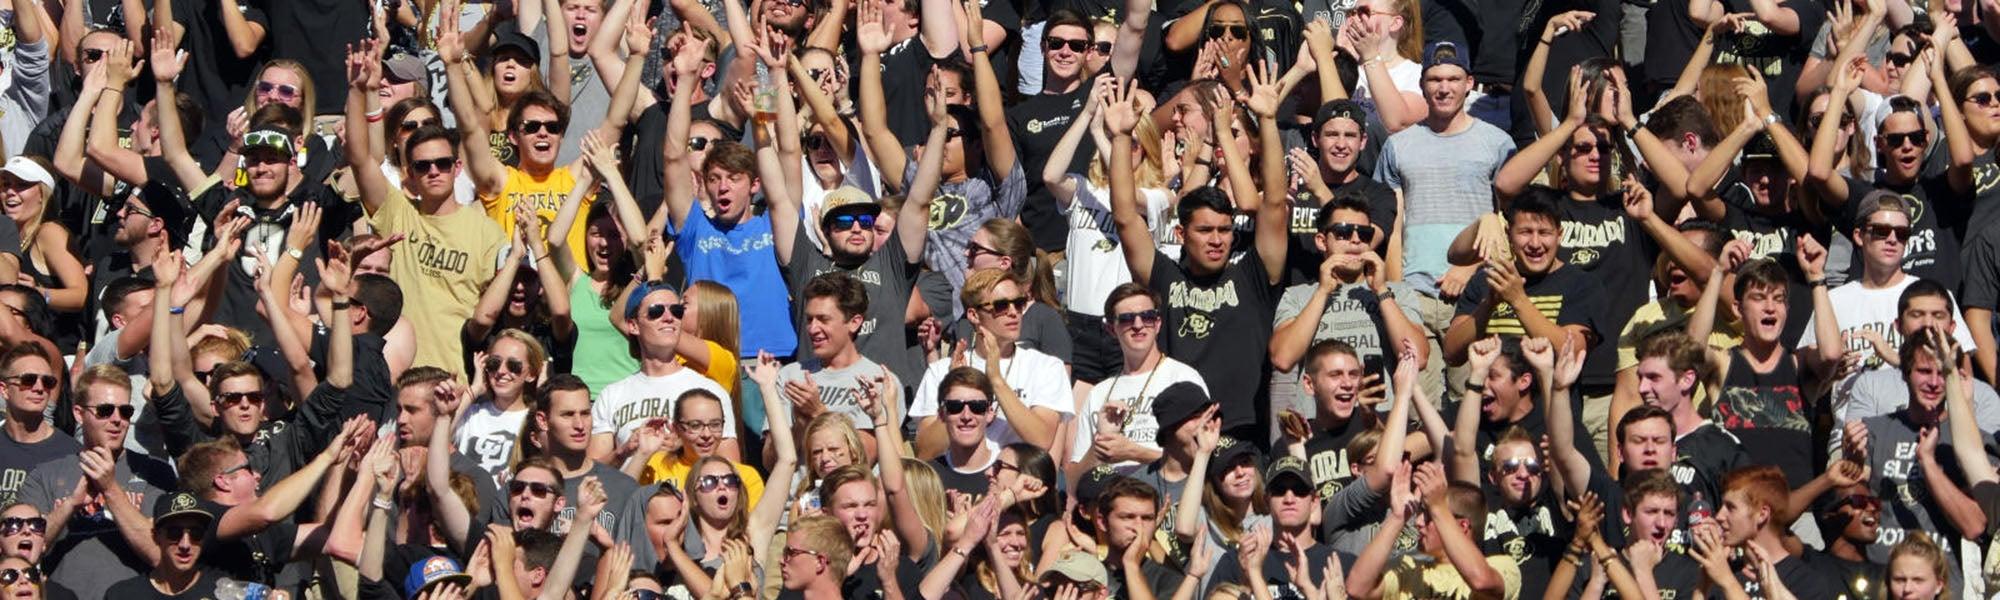 buffs football fans